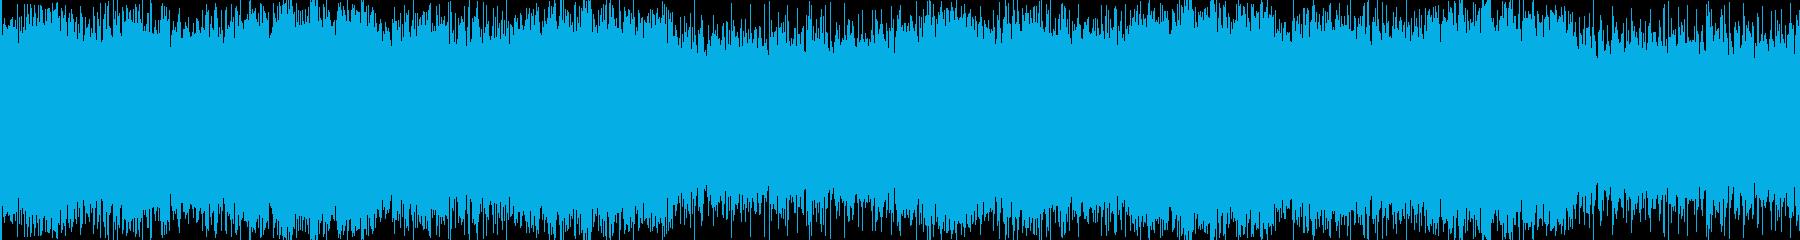 ロック_デジタル_切ない_4の再生済みの波形